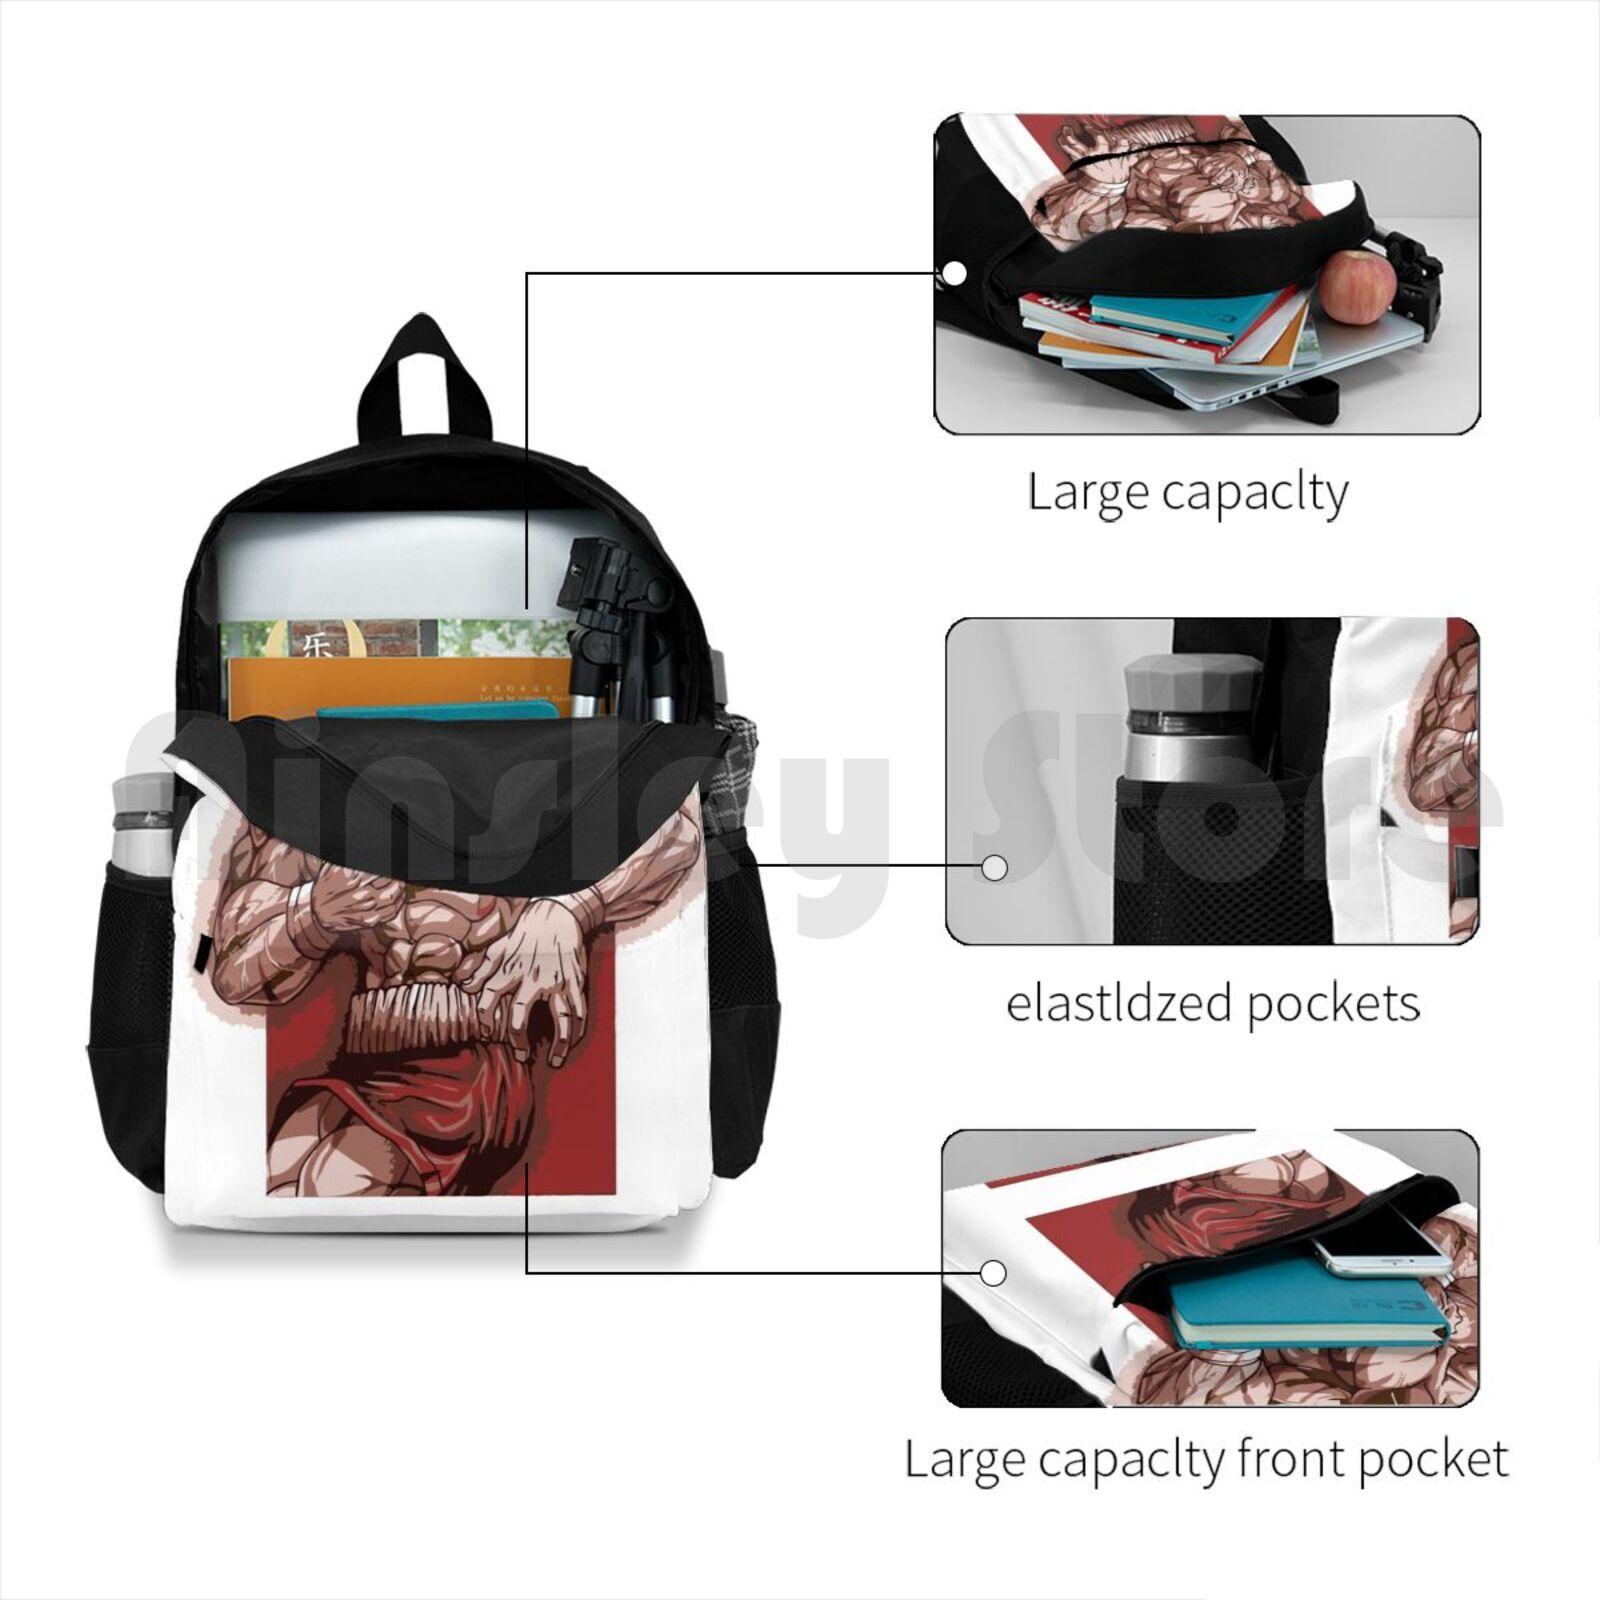 H1f2aba2ffe9f4309a5cf0cc234f22a80j - Anime Backpacks